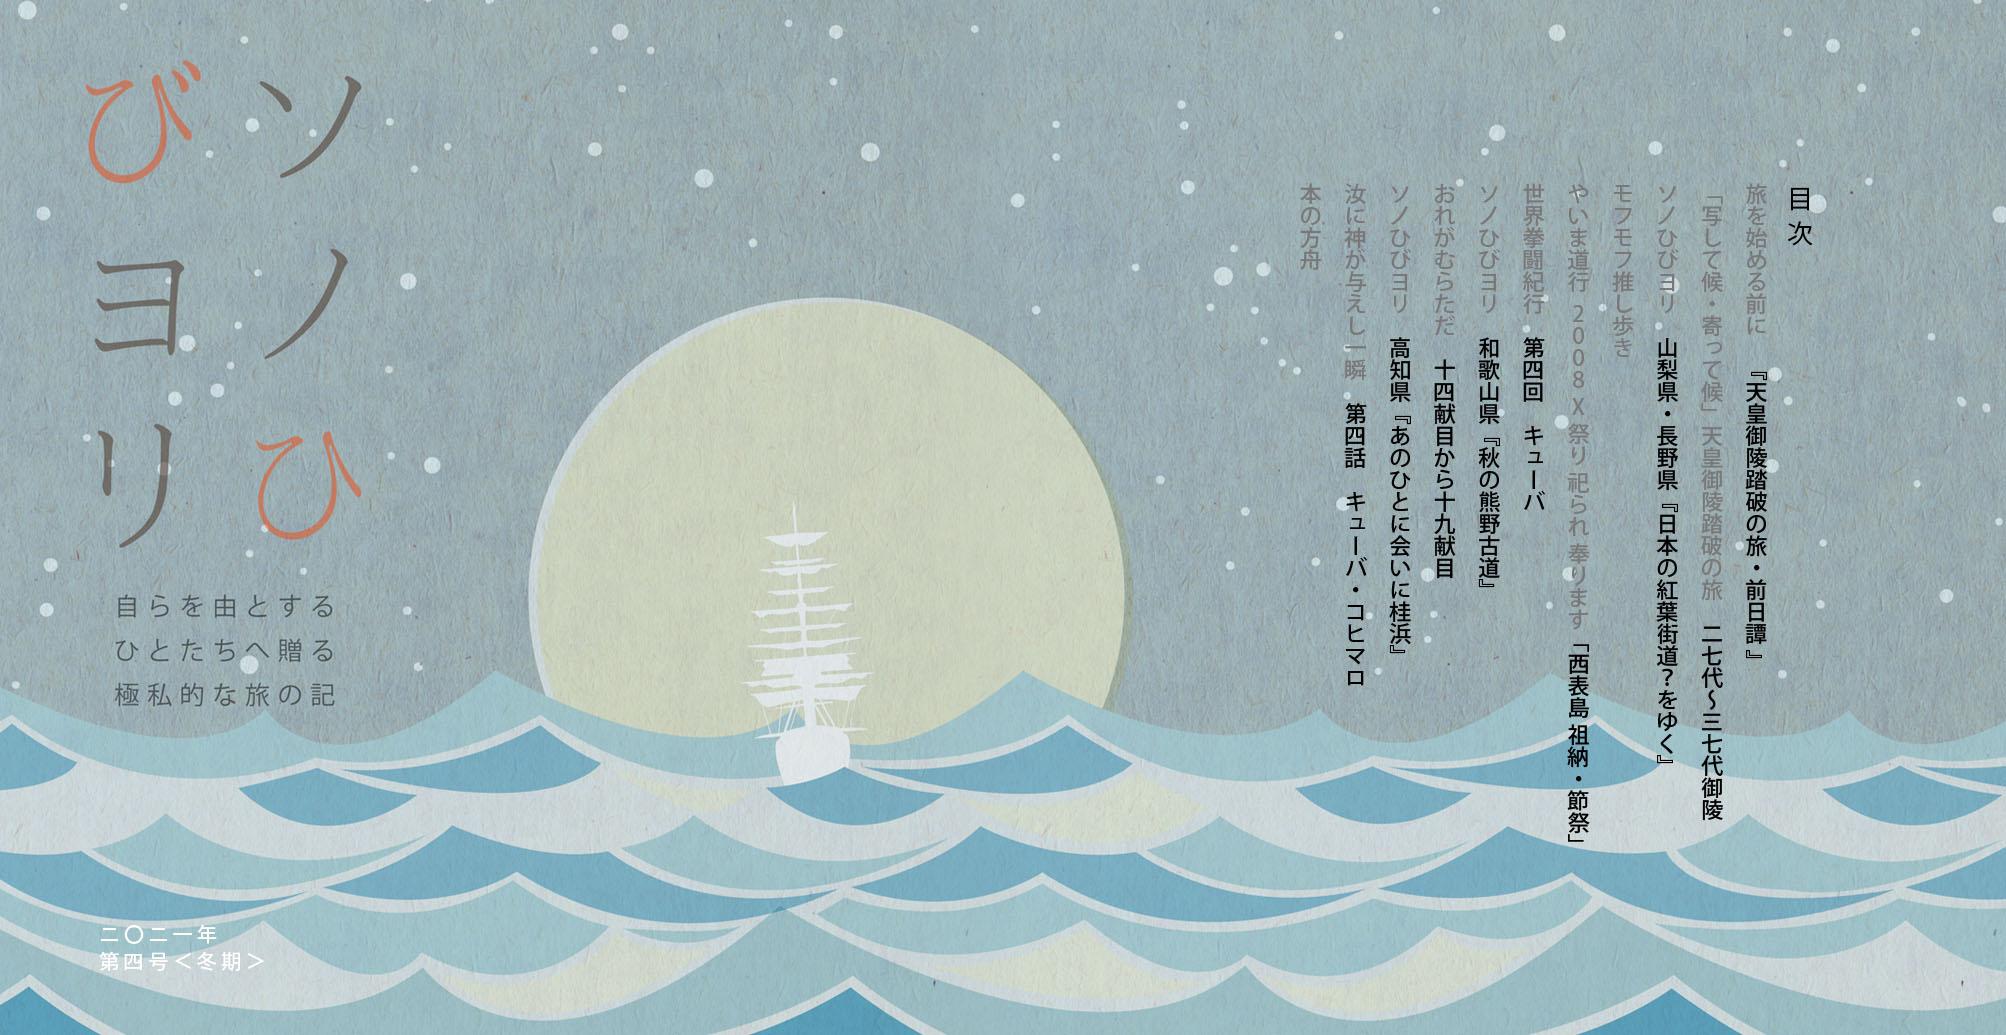 04-1hiyori-top